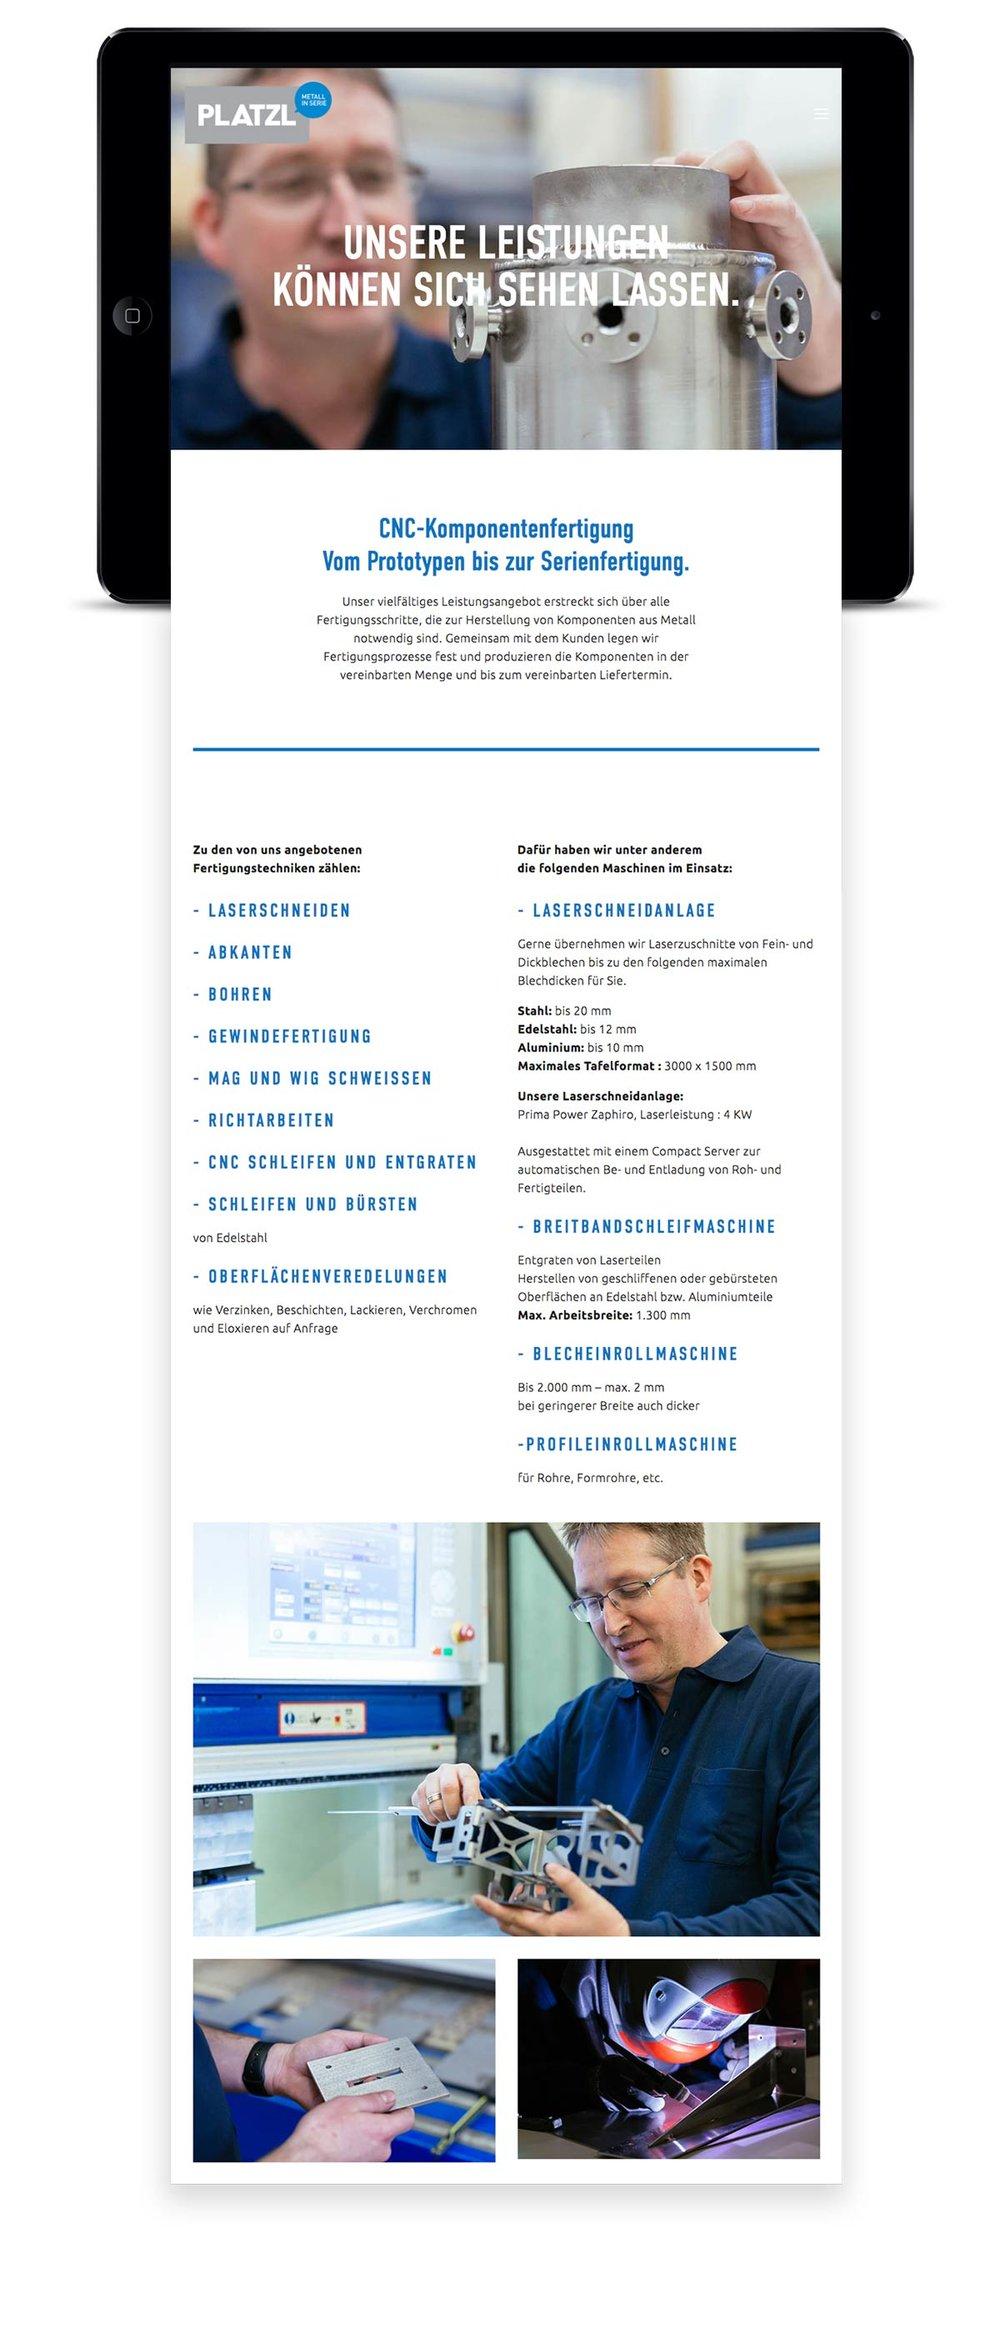 website-2-platzl-gmbh-designkitchen.jpg